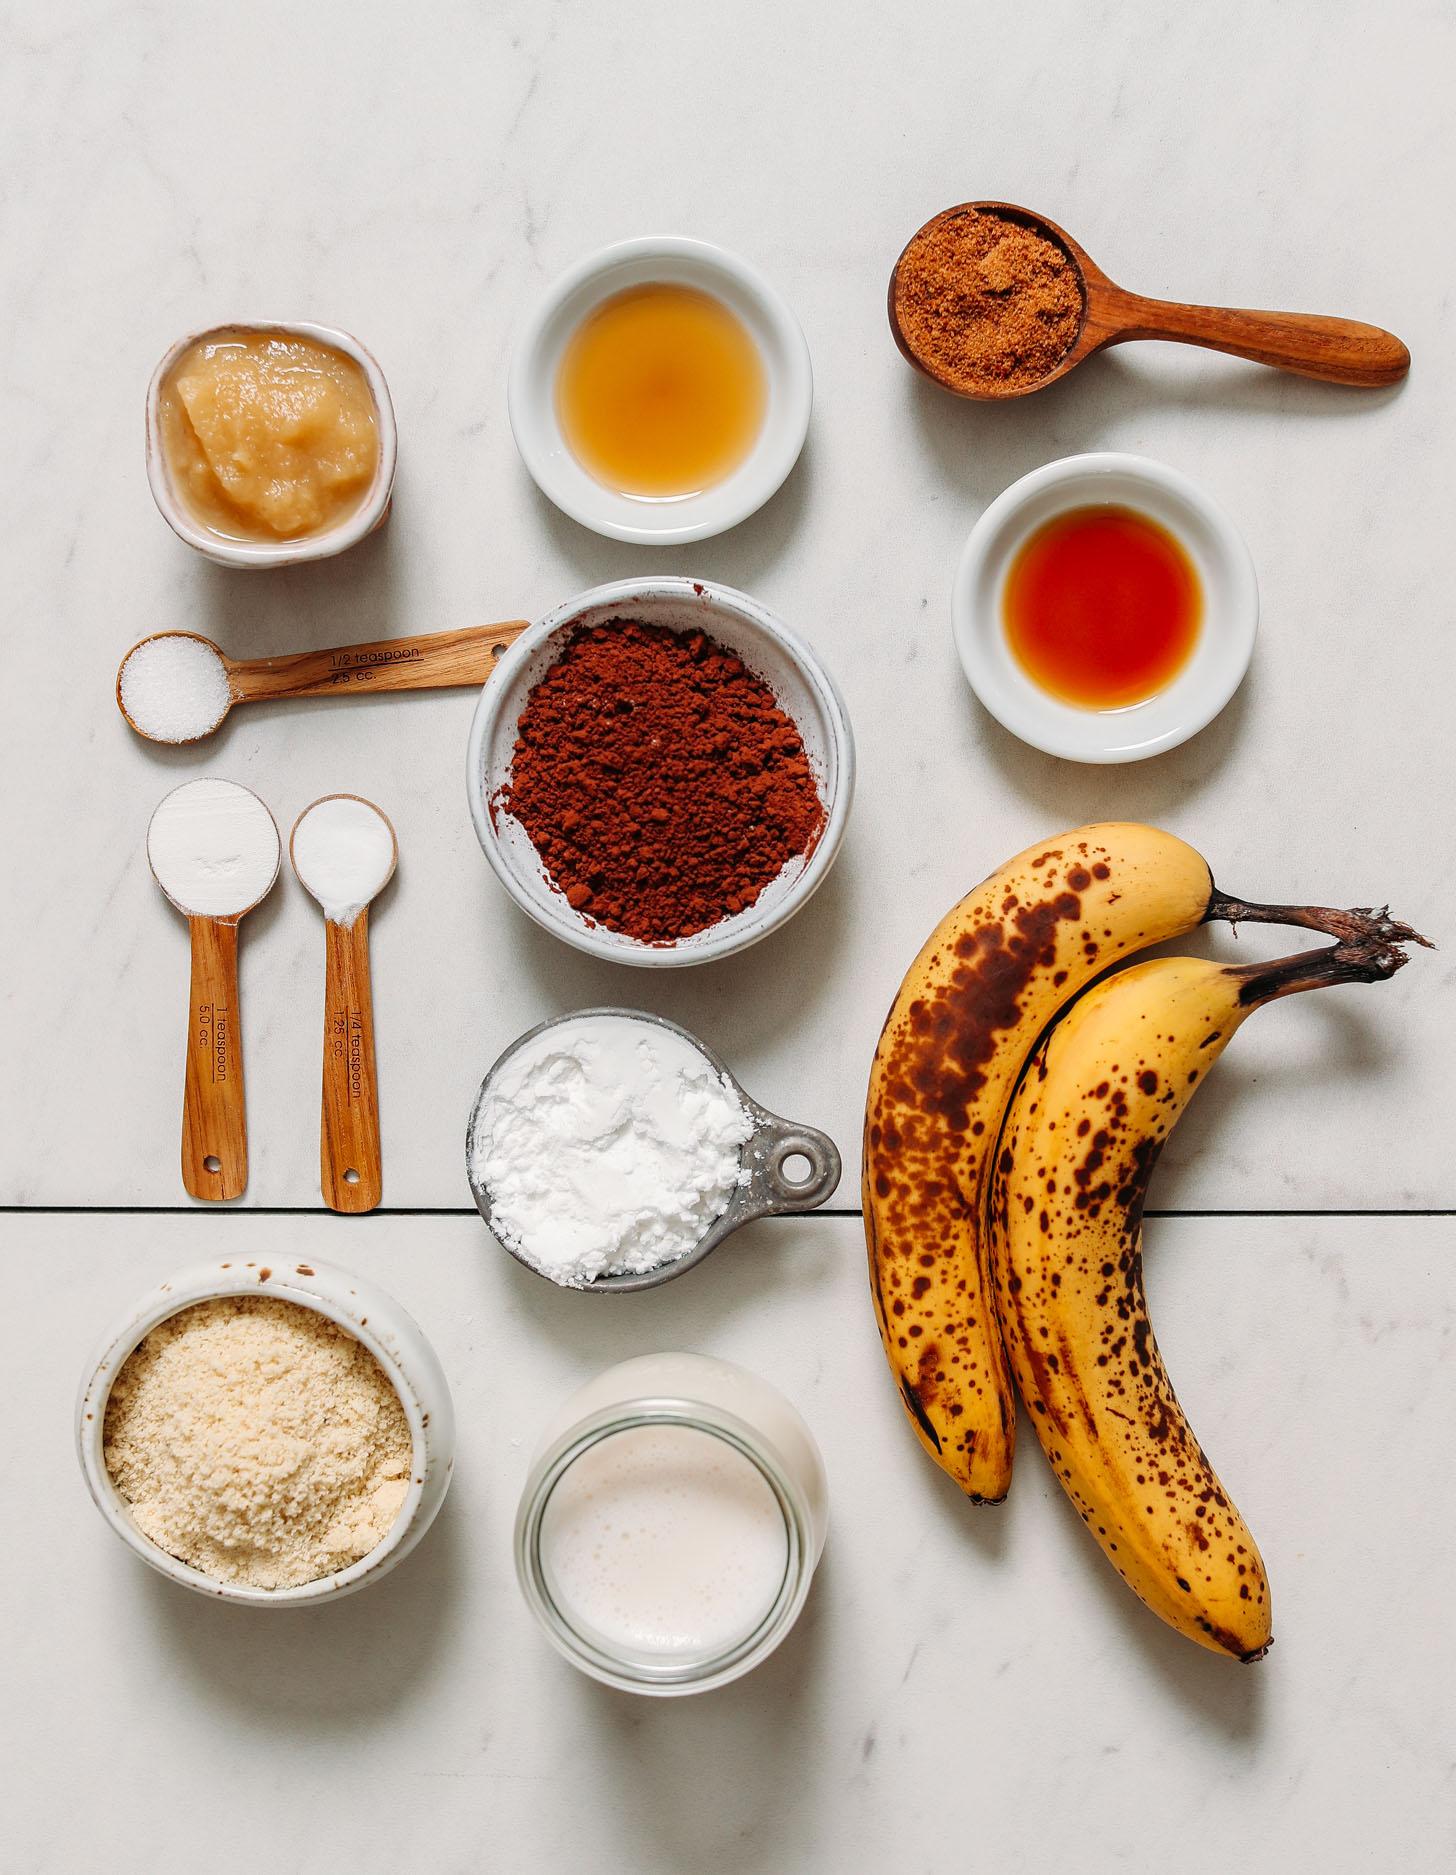 Compote de pommes, sirop d'érable, sucre de coco, poudre de cacao, bananes, farines sans gluten, bicarbonate de soude, levure chimique, sel et lait sans produits laitiers